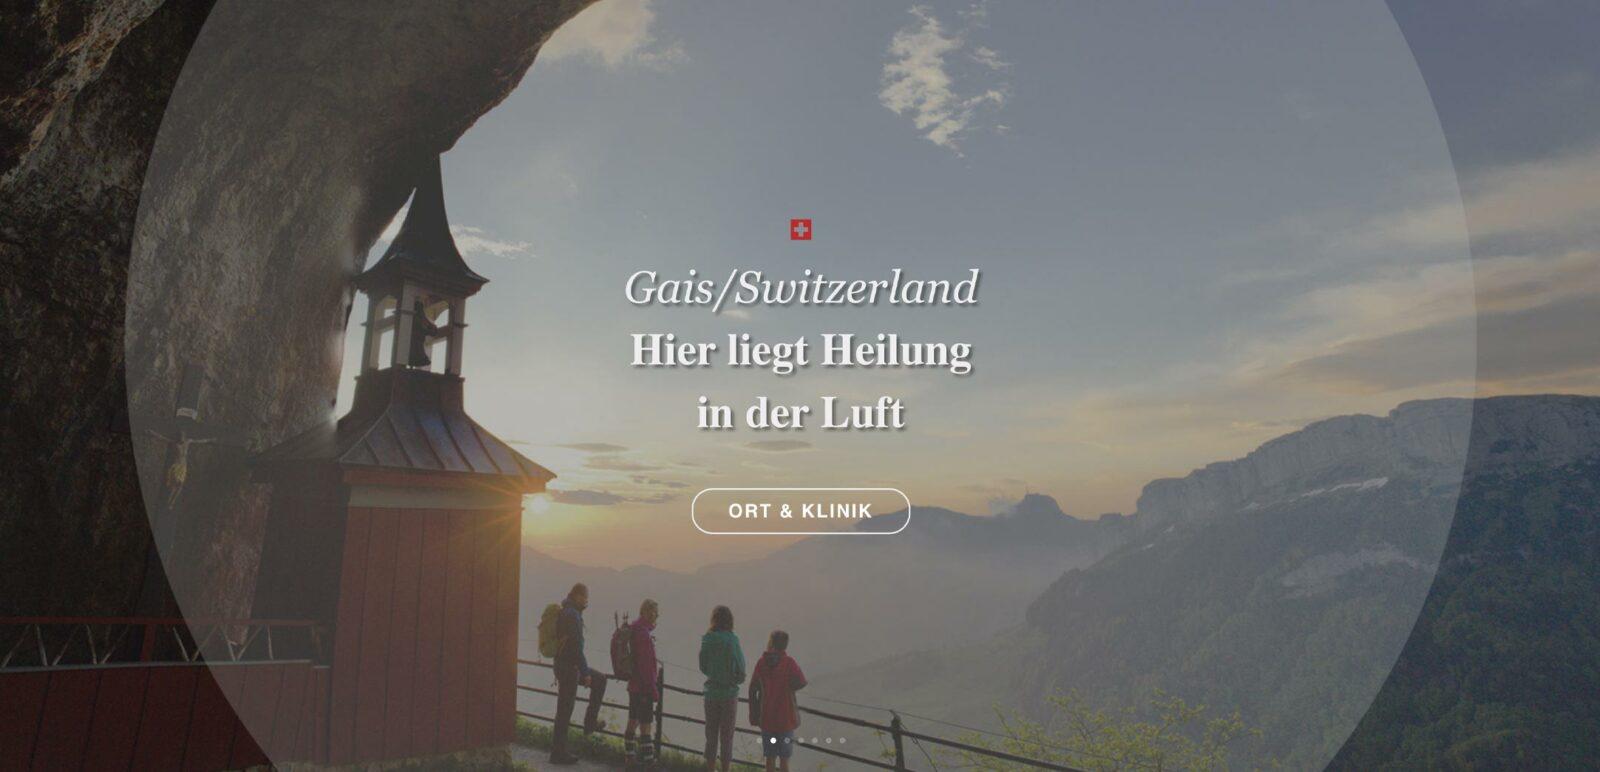 Leitmotiv der Alpstein Clinic in Gais/Schweiz entwickelt durch die Rittweger + Team Werbeagentur